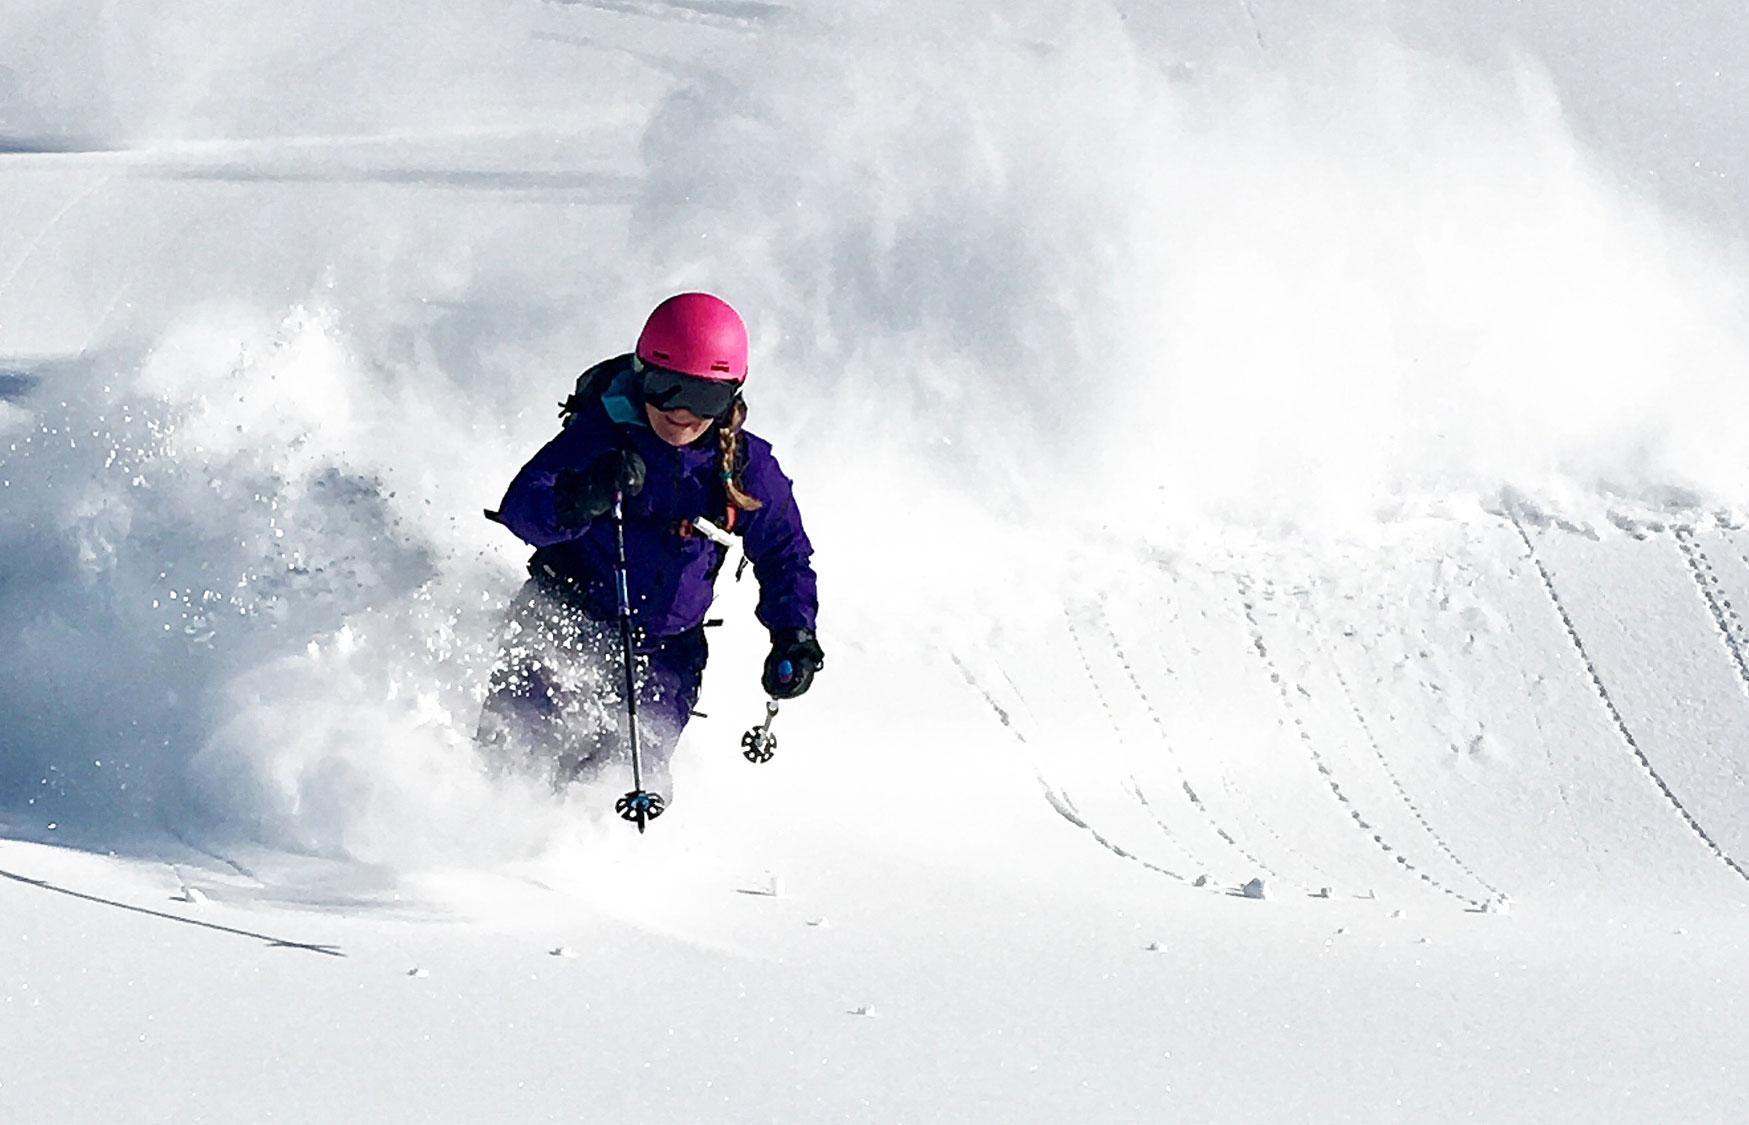 packliste-skifahren-munichmountaingirls-katharina-kestler-freeriden-lech